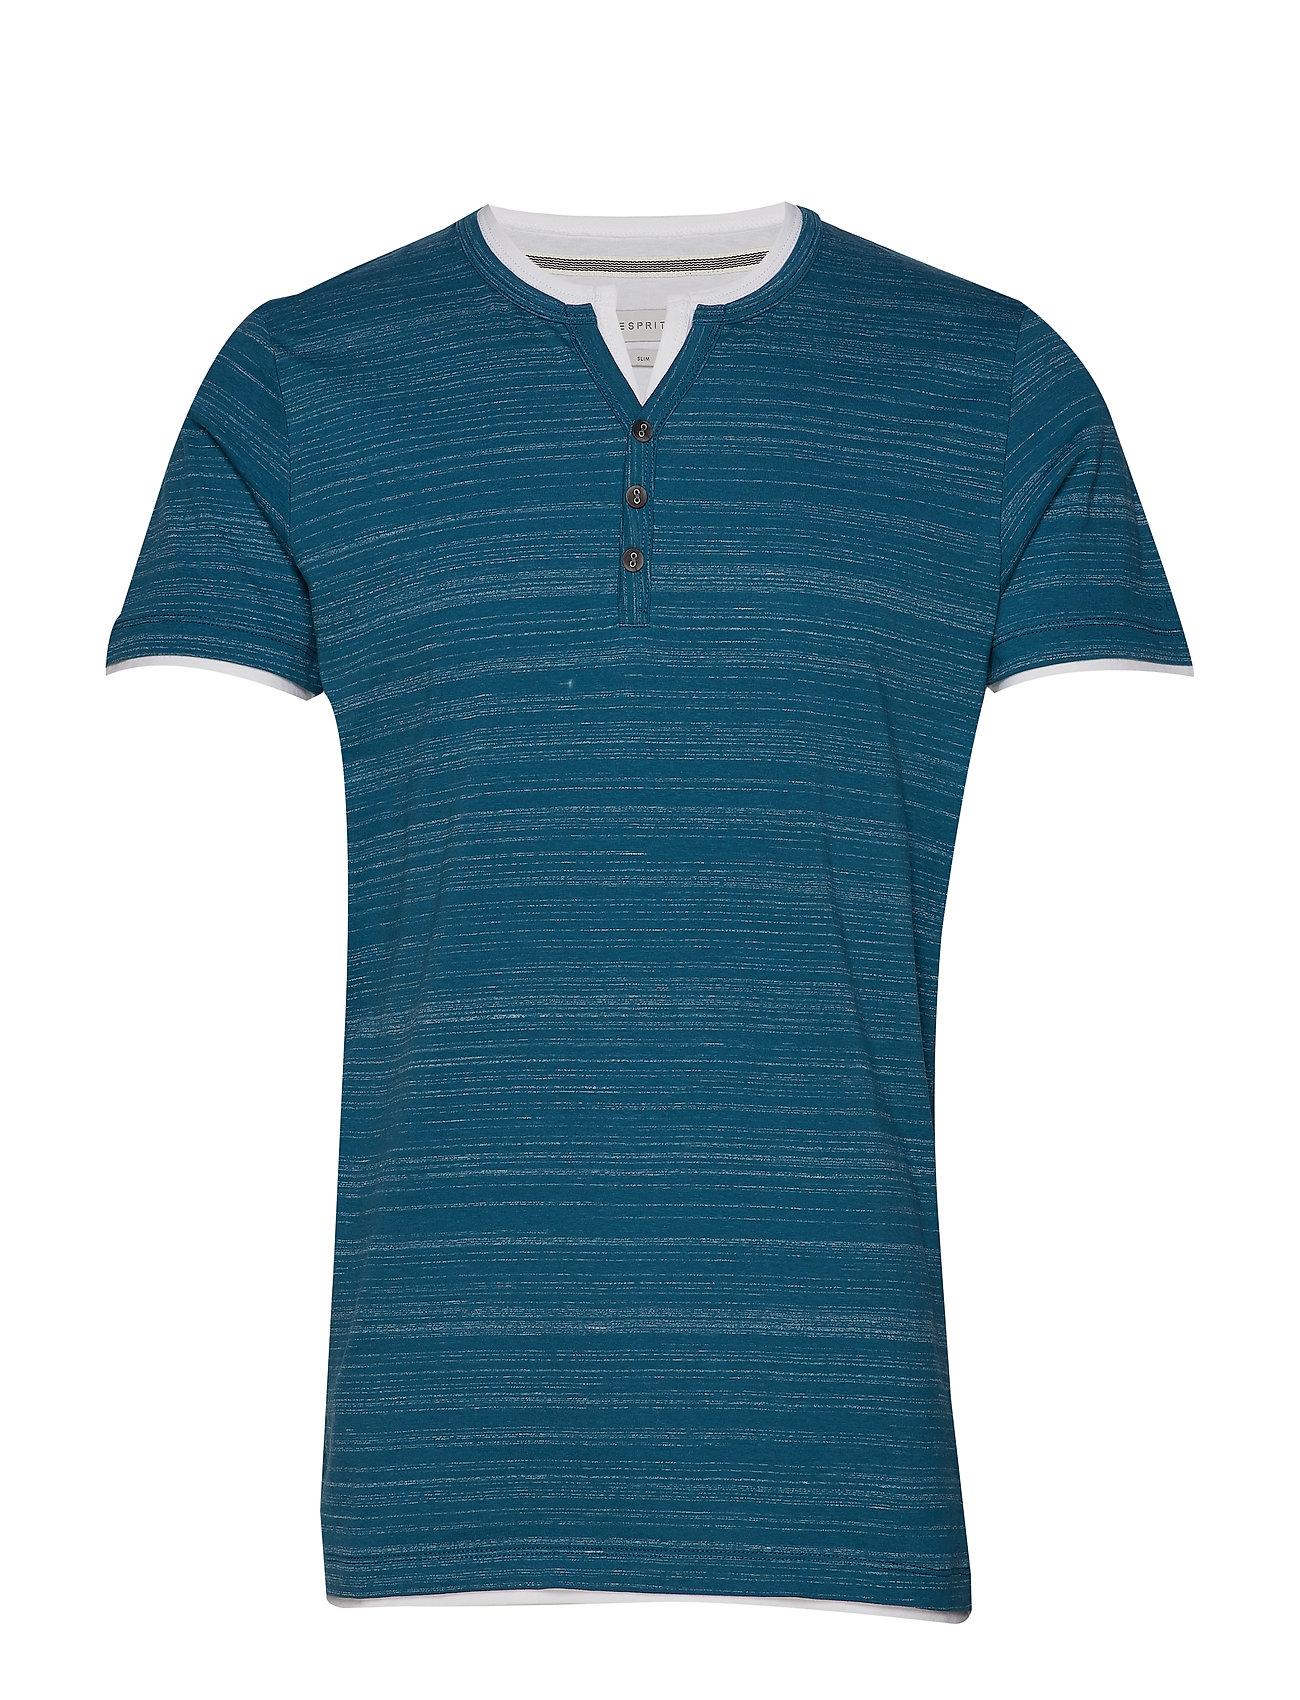 Esprit Casual T-Shirts - PETROL BLUE